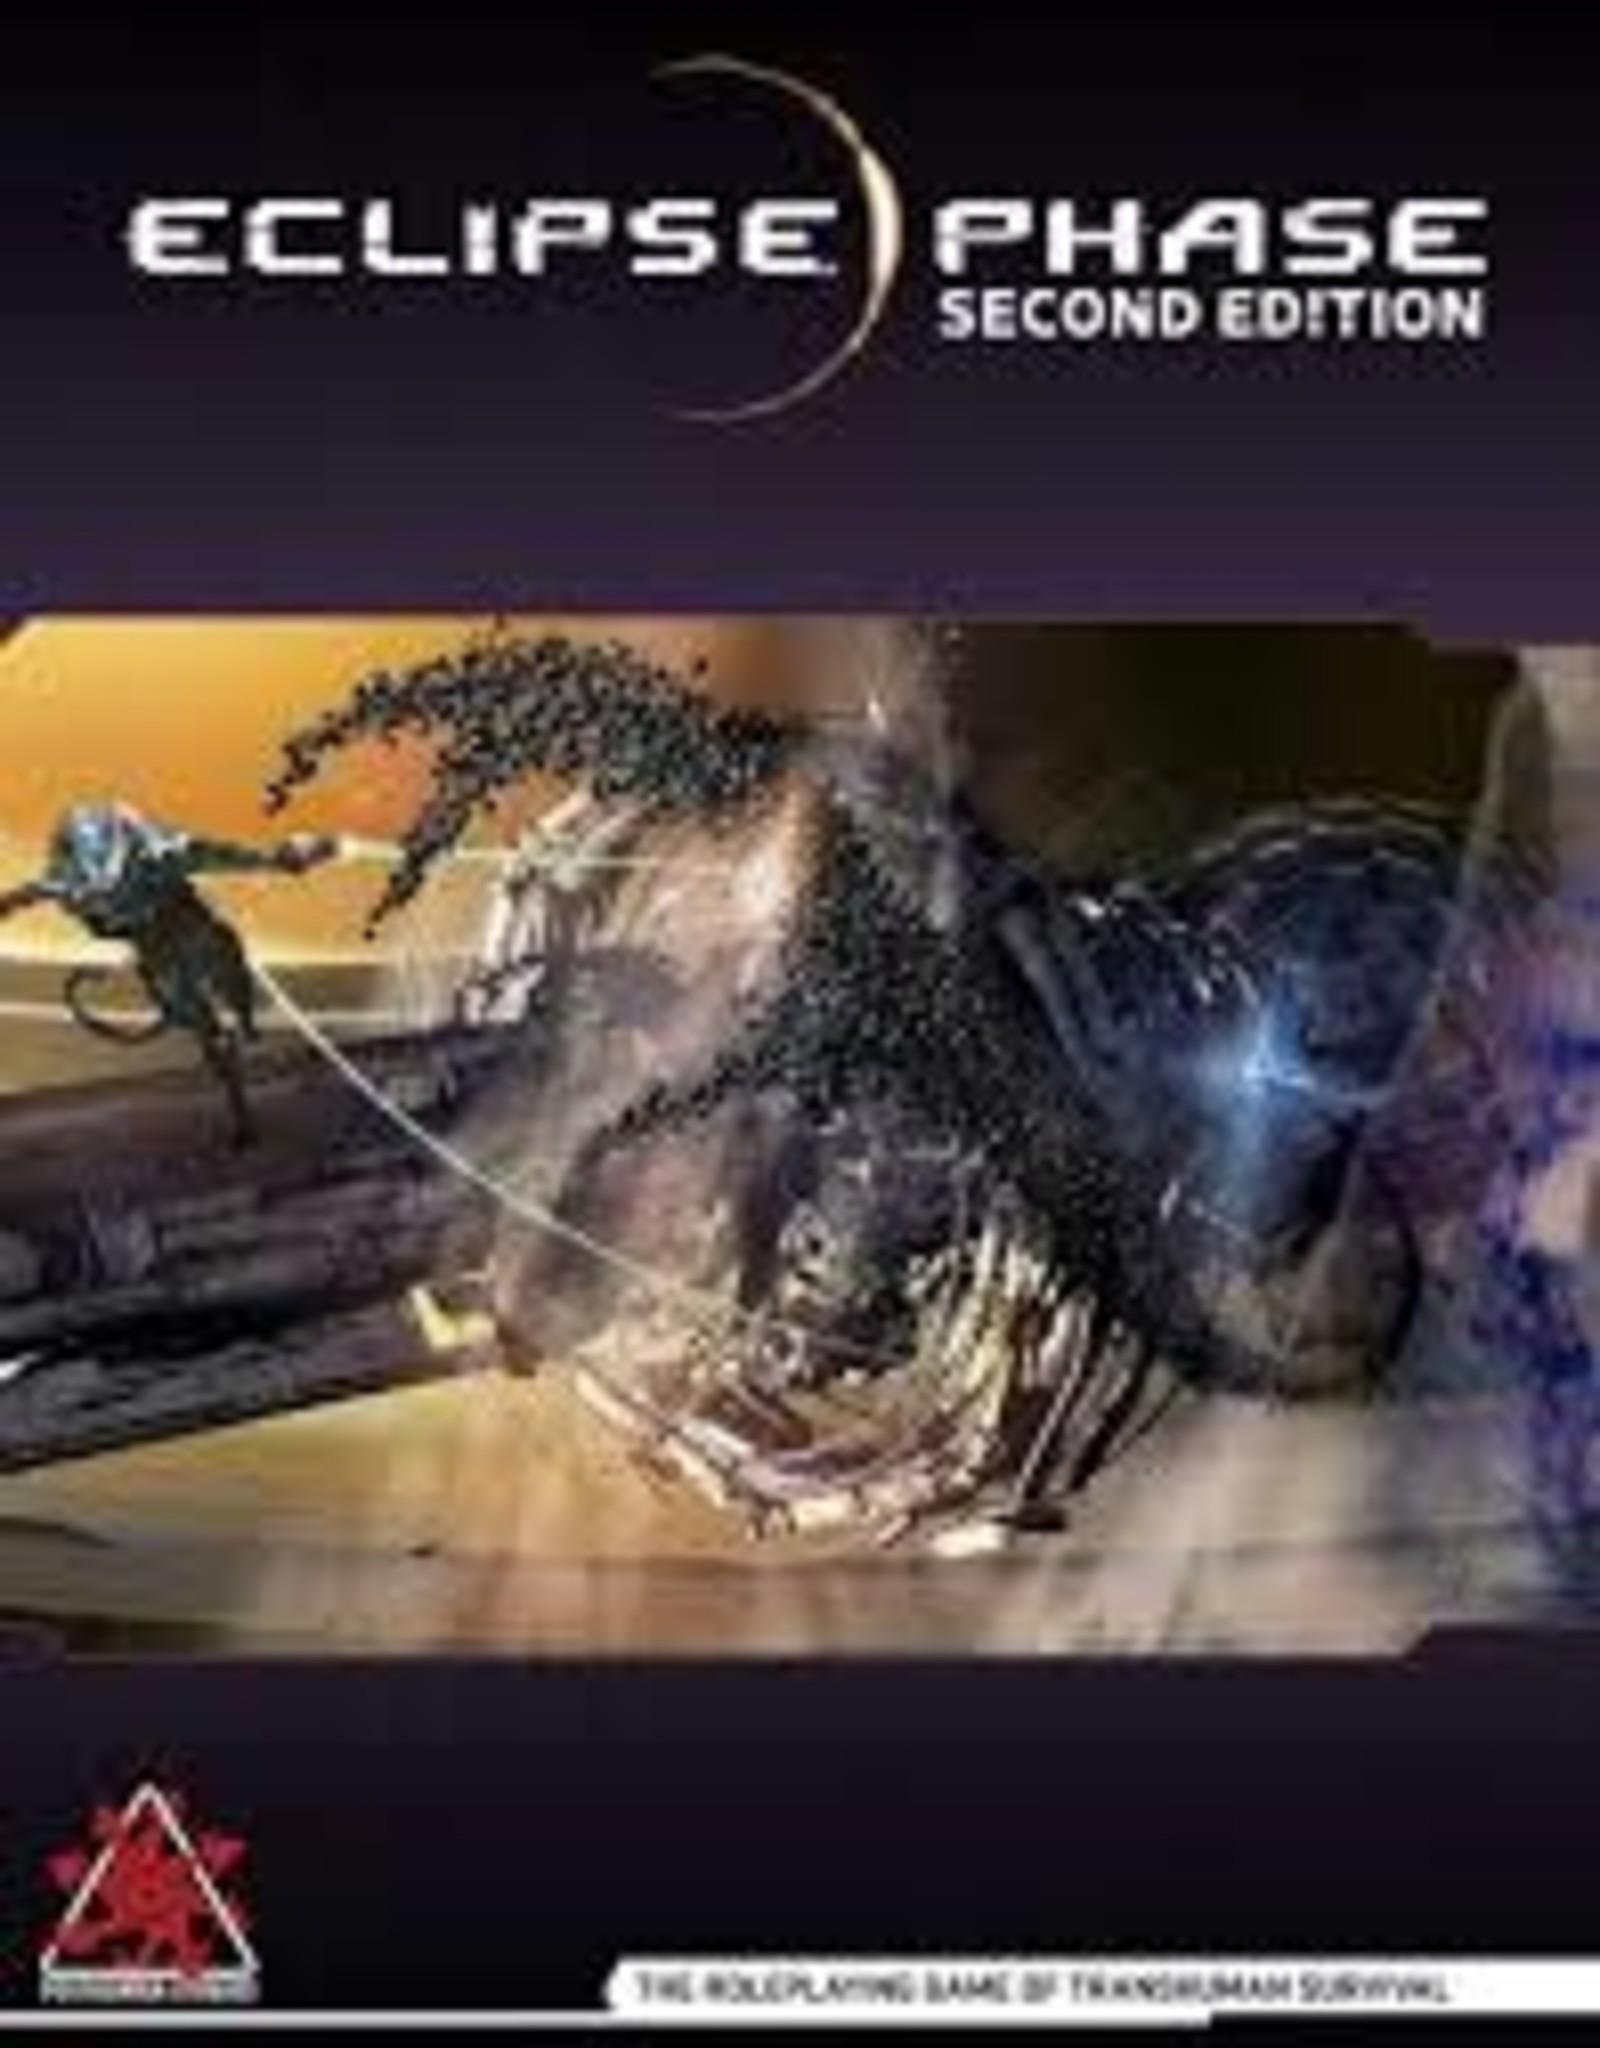 Eclipse Phase 2e